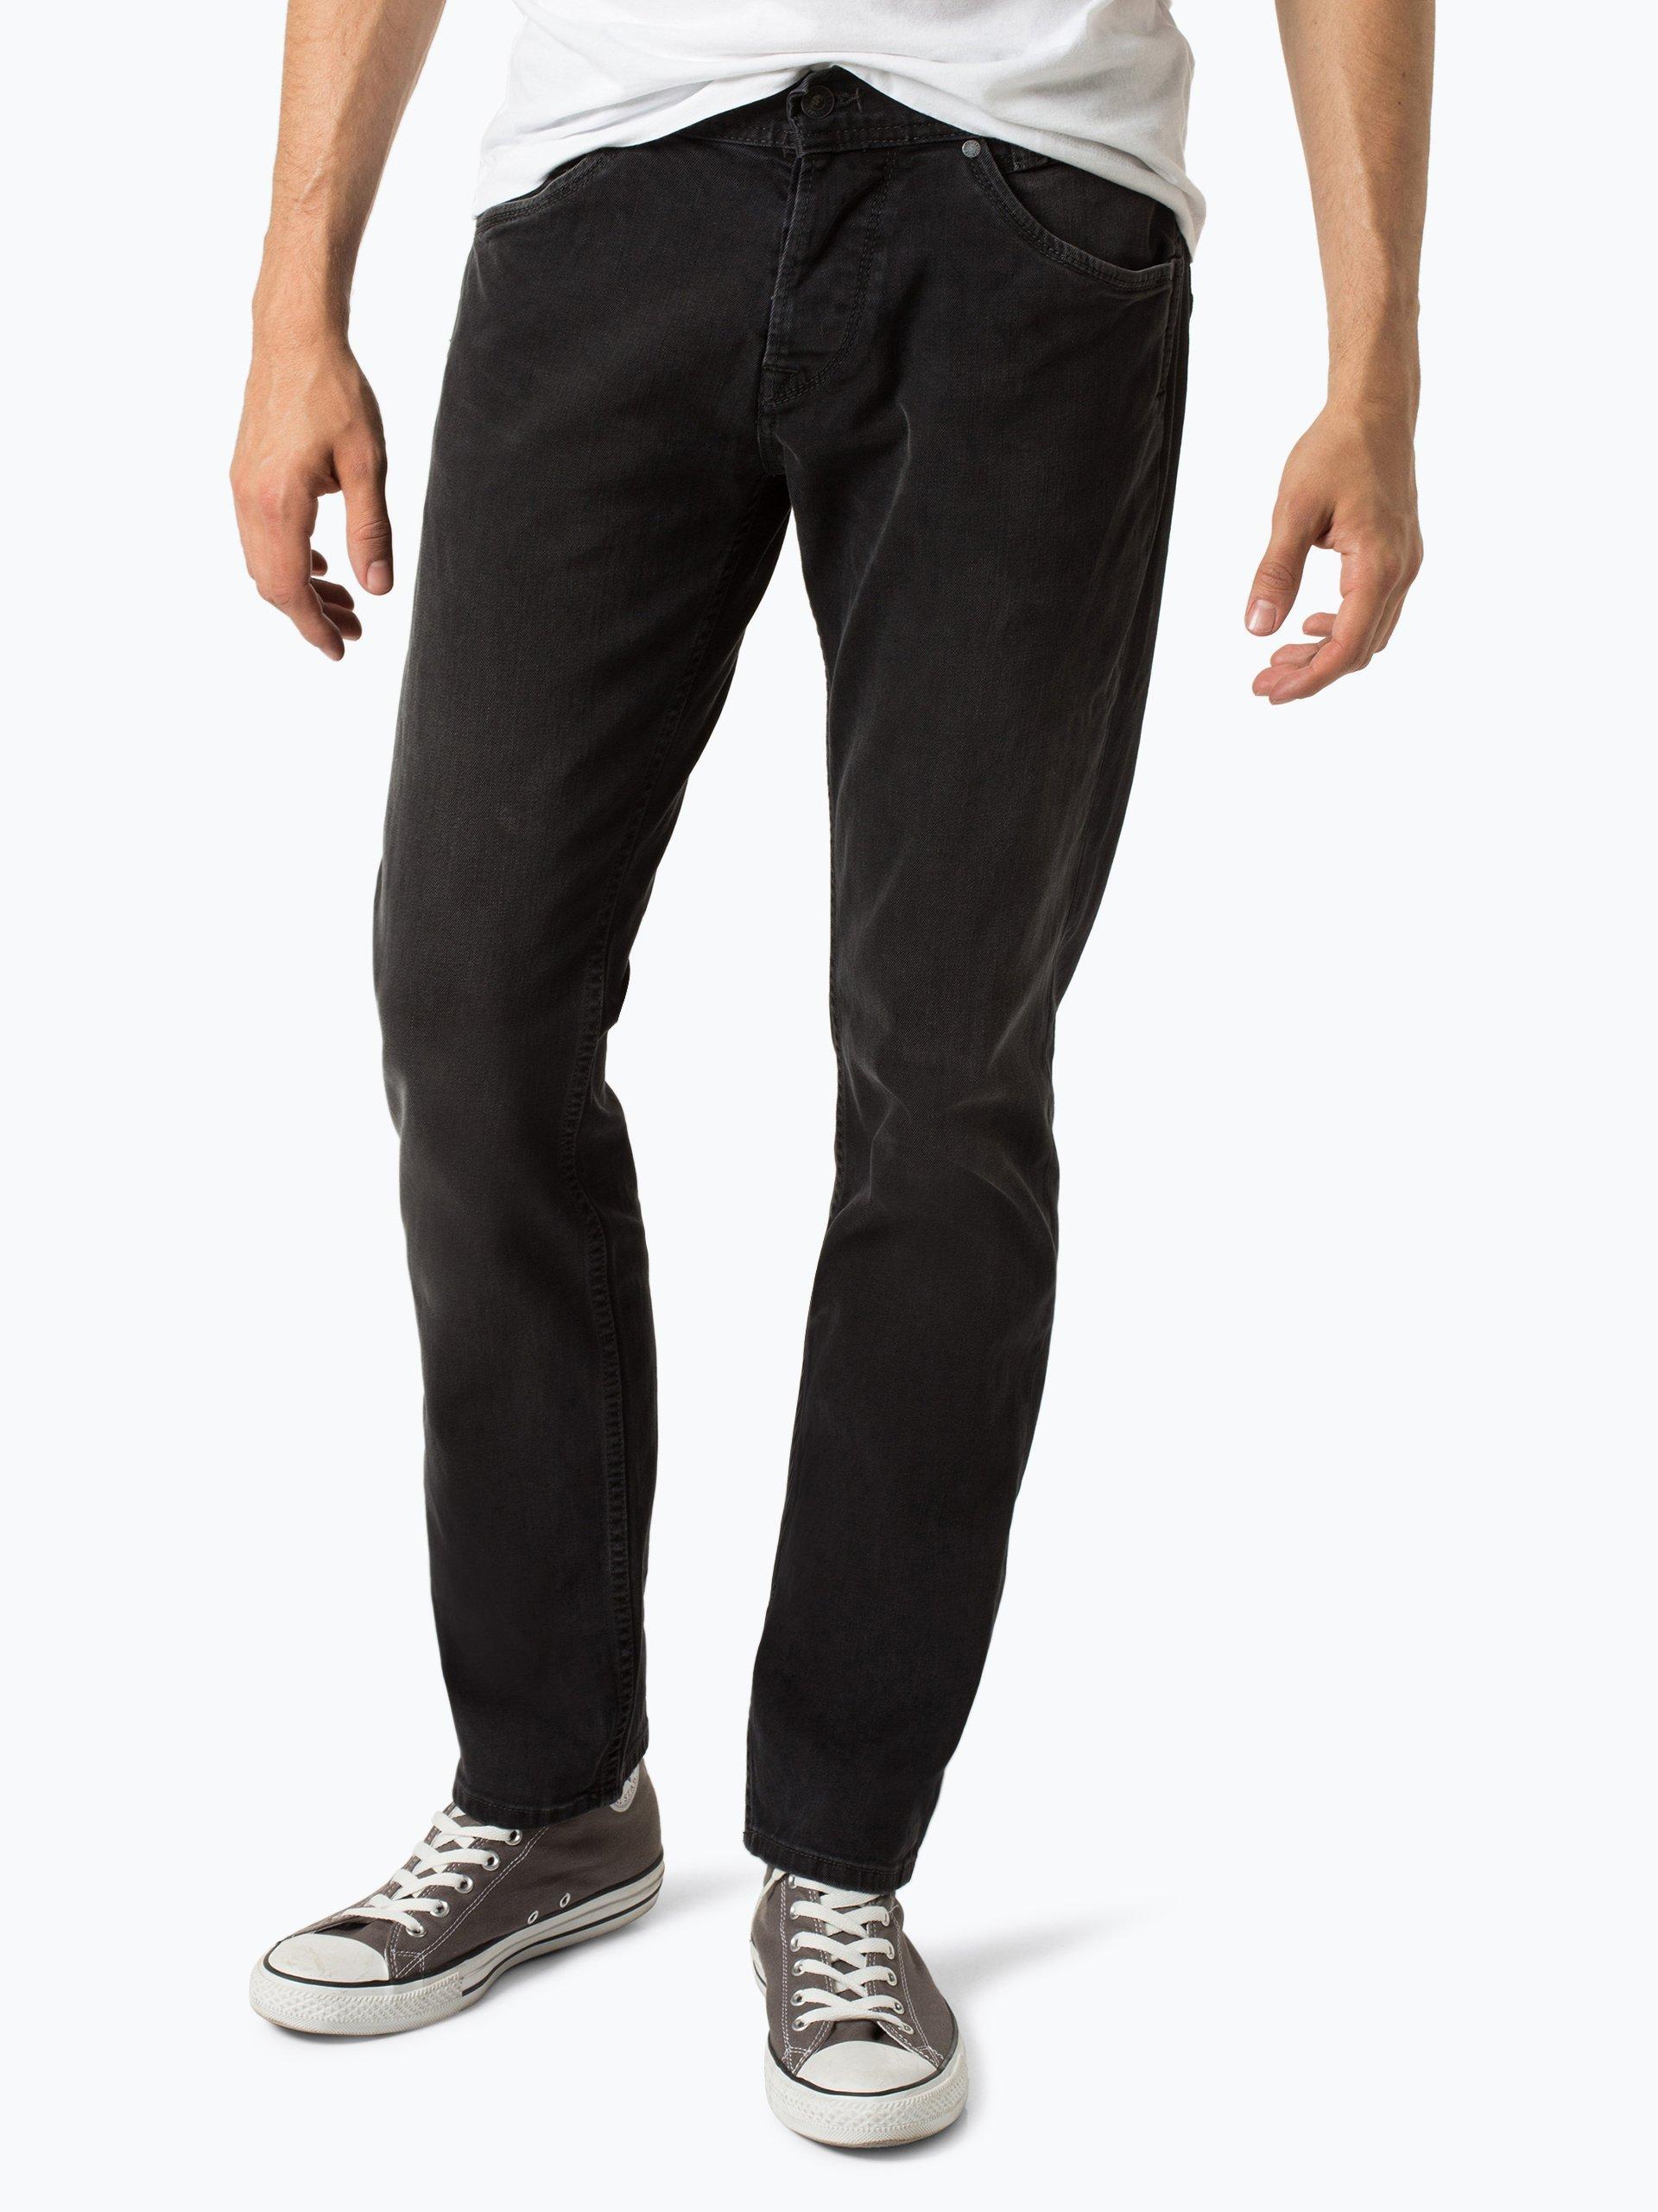 pepe jeans herren jeans spike online kaufen vangraaf com. Black Bedroom Furniture Sets. Home Design Ideas